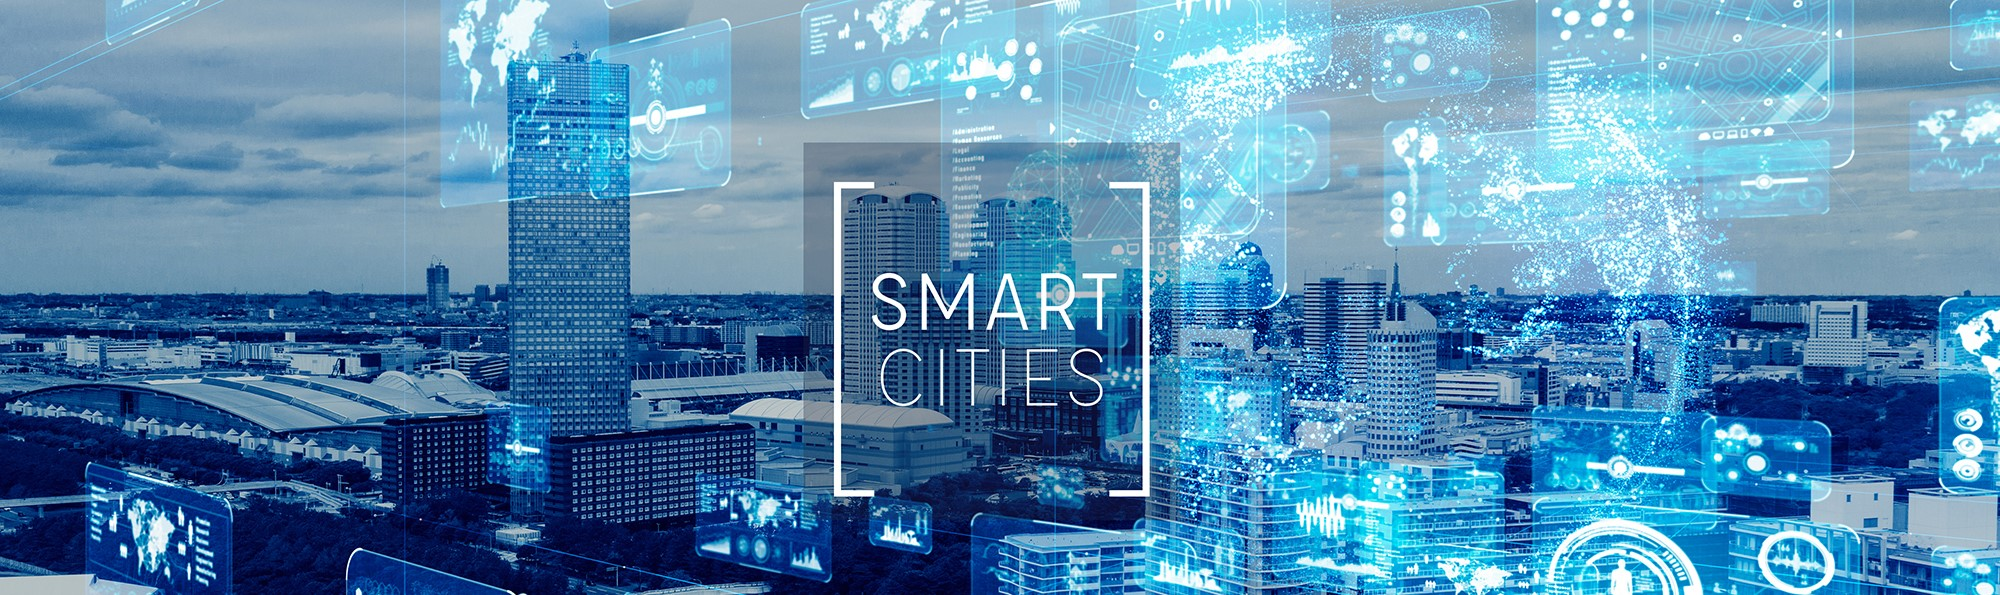 Abiertas las inscripciones para la sesión inaugural del proyecto Smart Cities que lideran AVI y COIICV